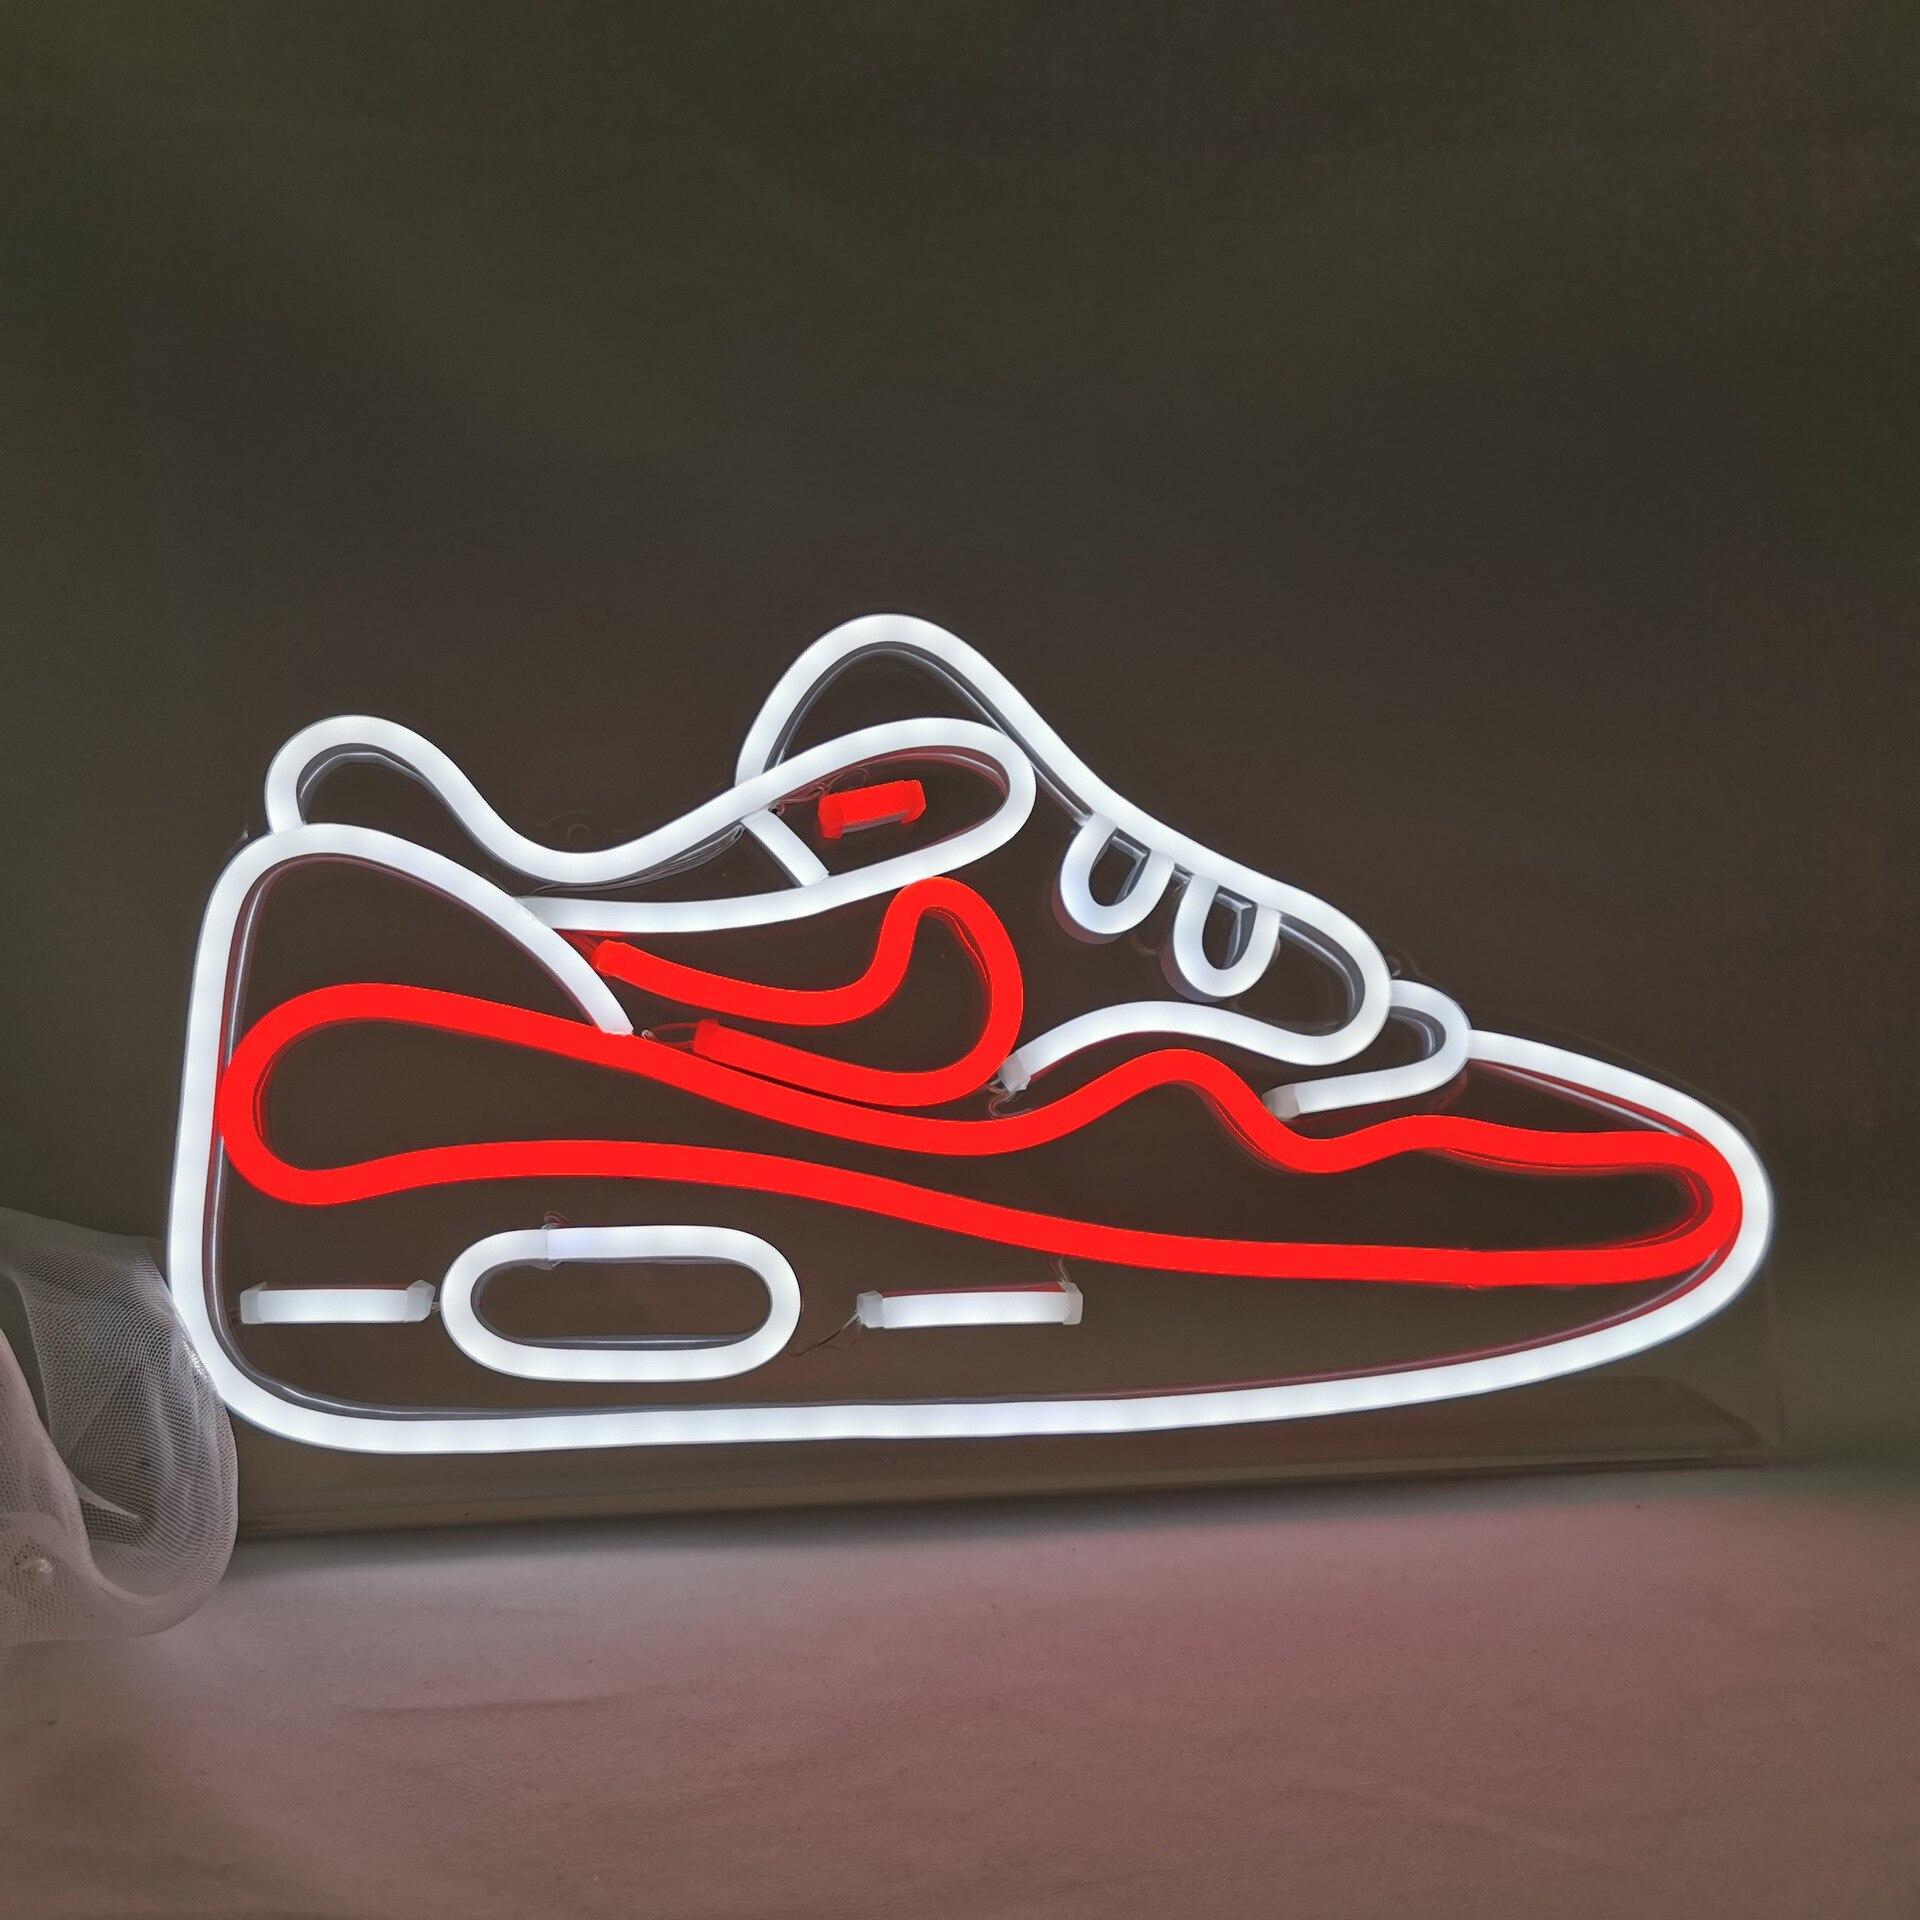 هدية عيد ميلاد ديكور المنزل حذاء مصنوع حسب الطلب ضوء النيون Led ضوء النيون تسجيل مجلس العرض لتخزين